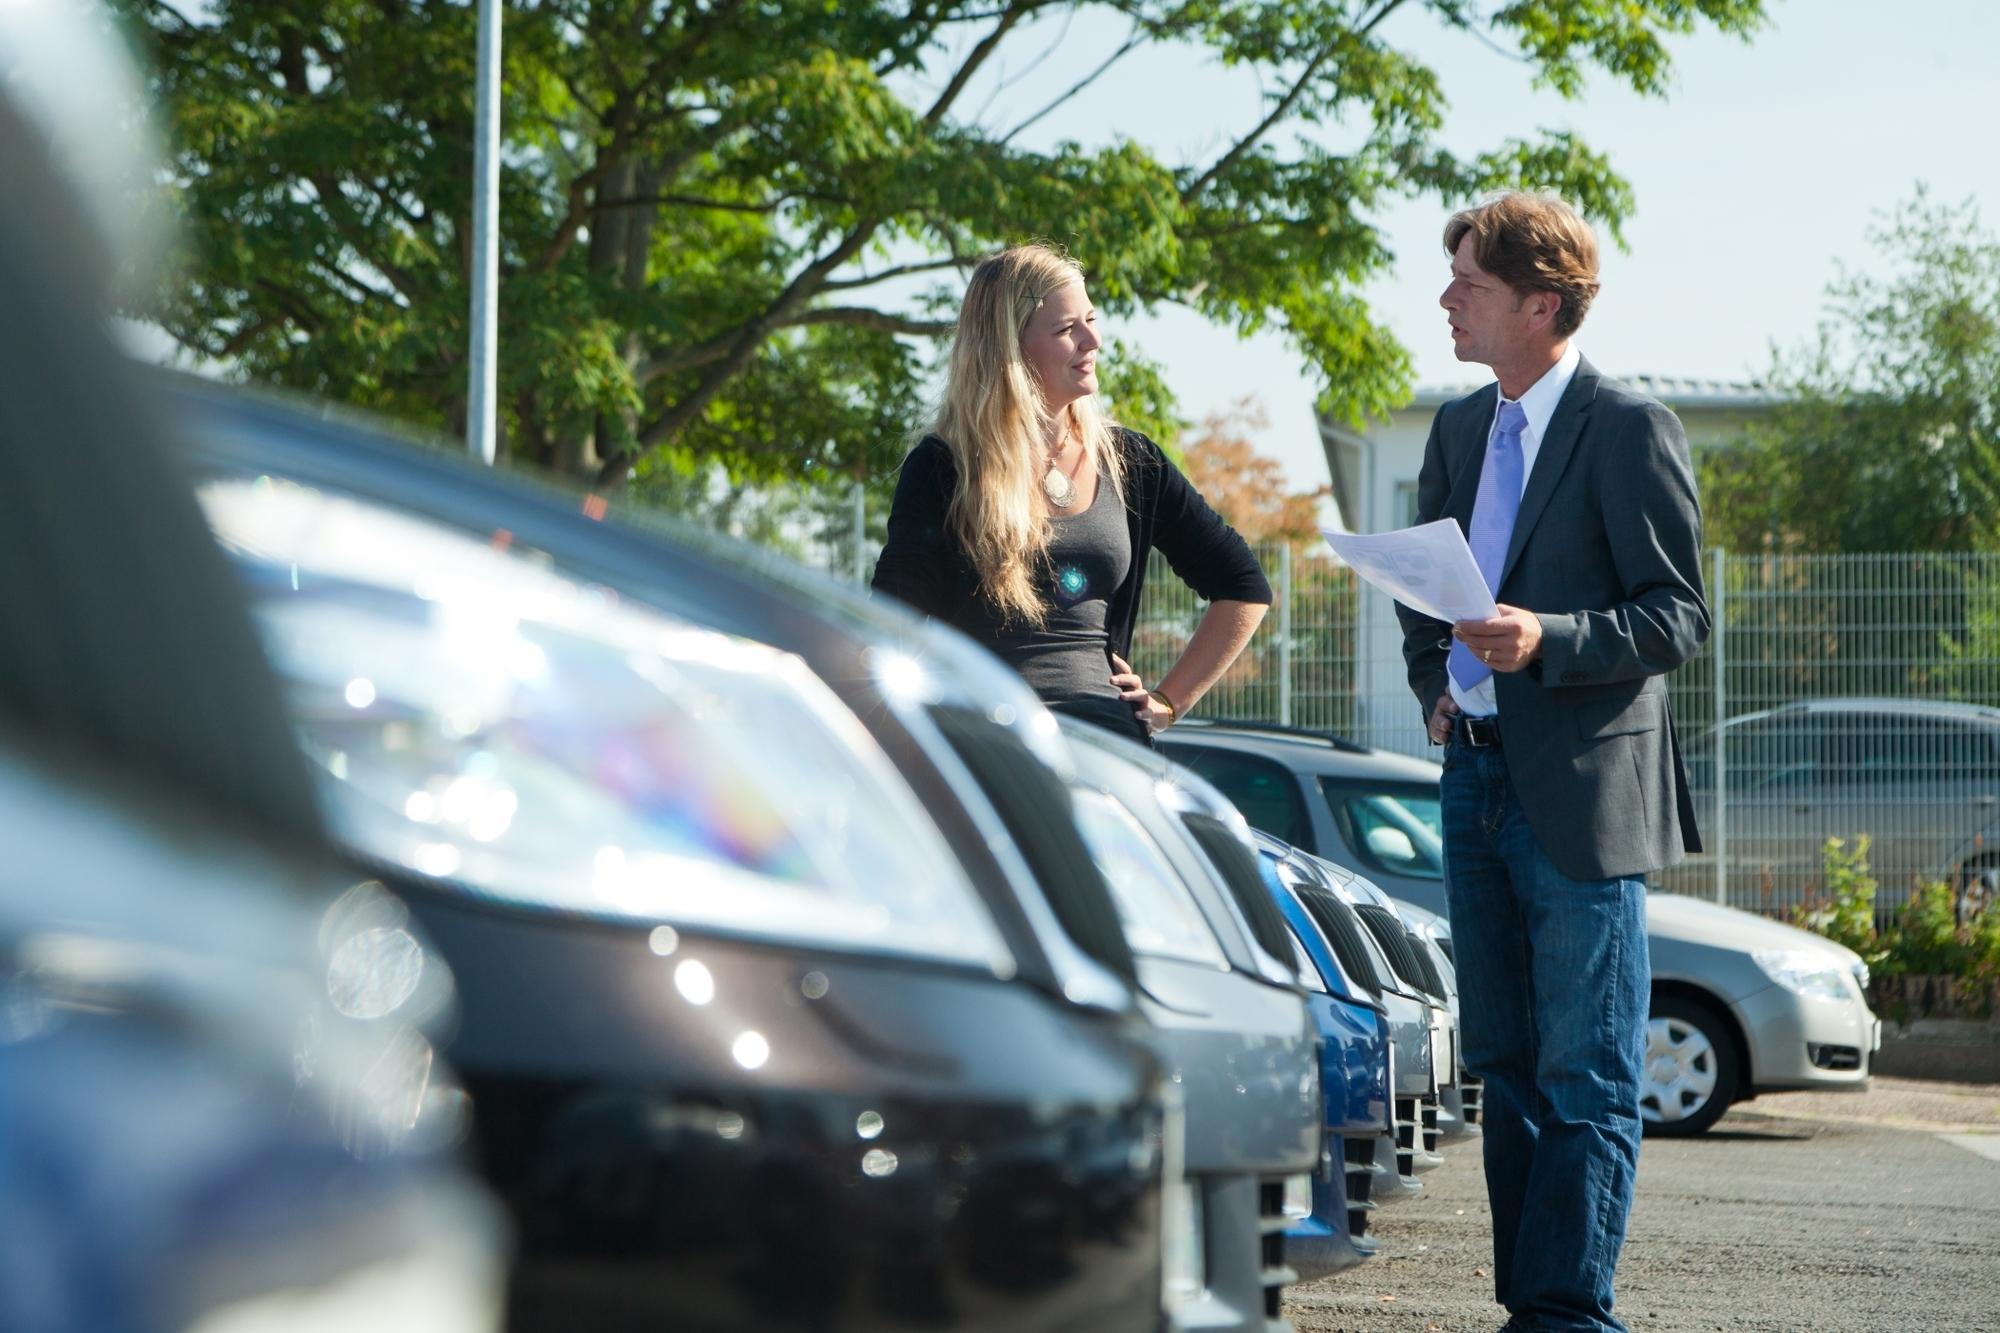 Pkw-Neuzulassungen - SUV und Kompakte einmal mehr in Plus